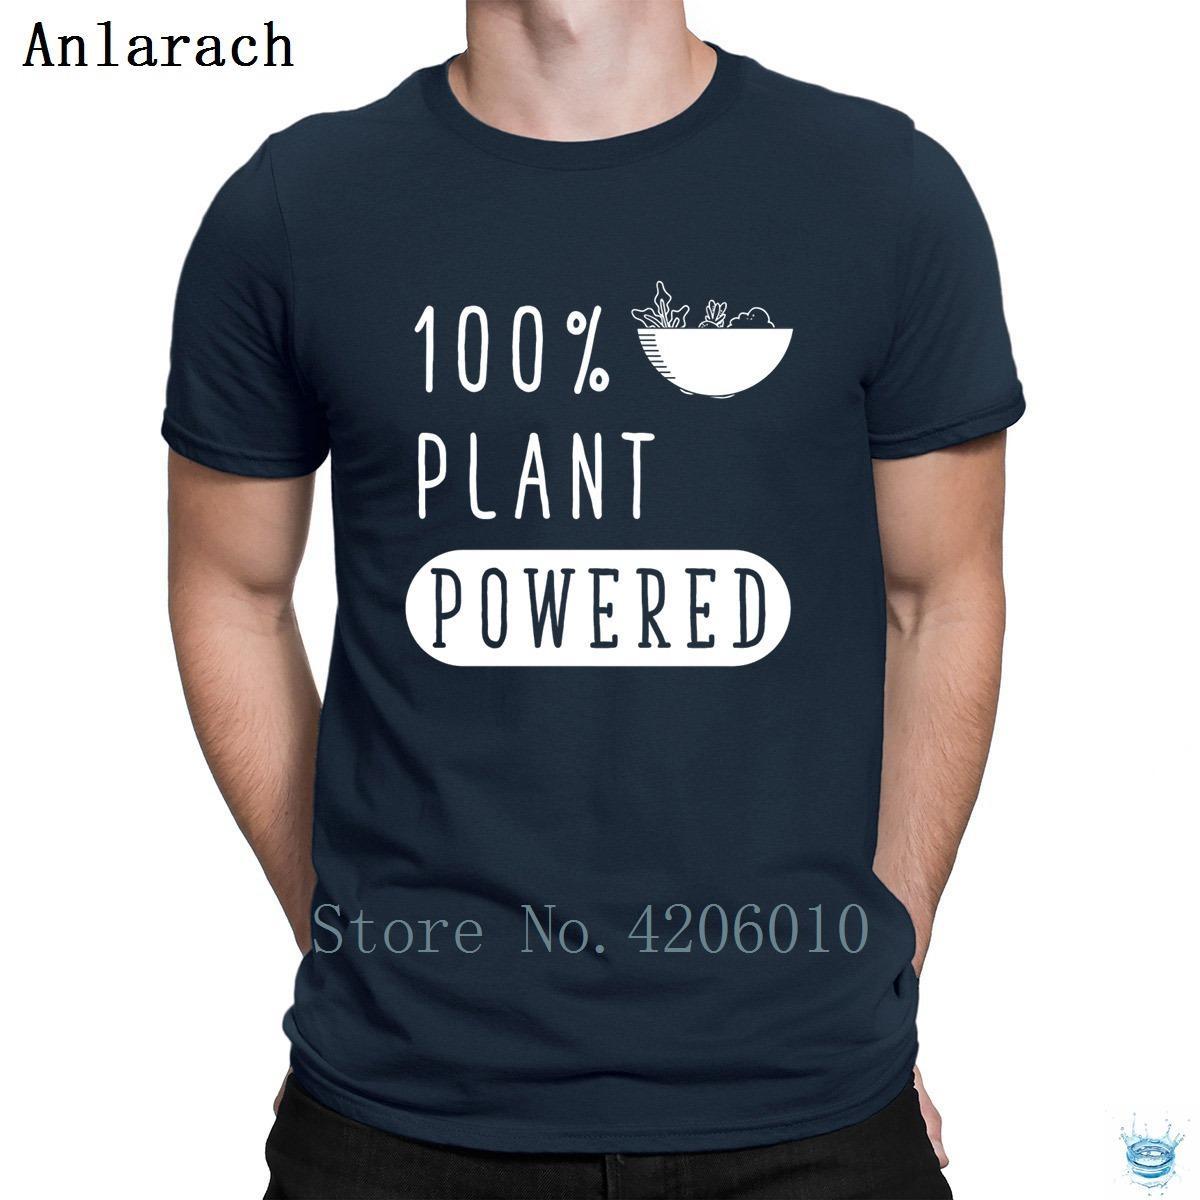 Planta Powered divertido vegano camiseta verde impresa de calidad superior impresionante camiseta para la tripulación normal de los hombres de cuello Anlarach tapa del verano